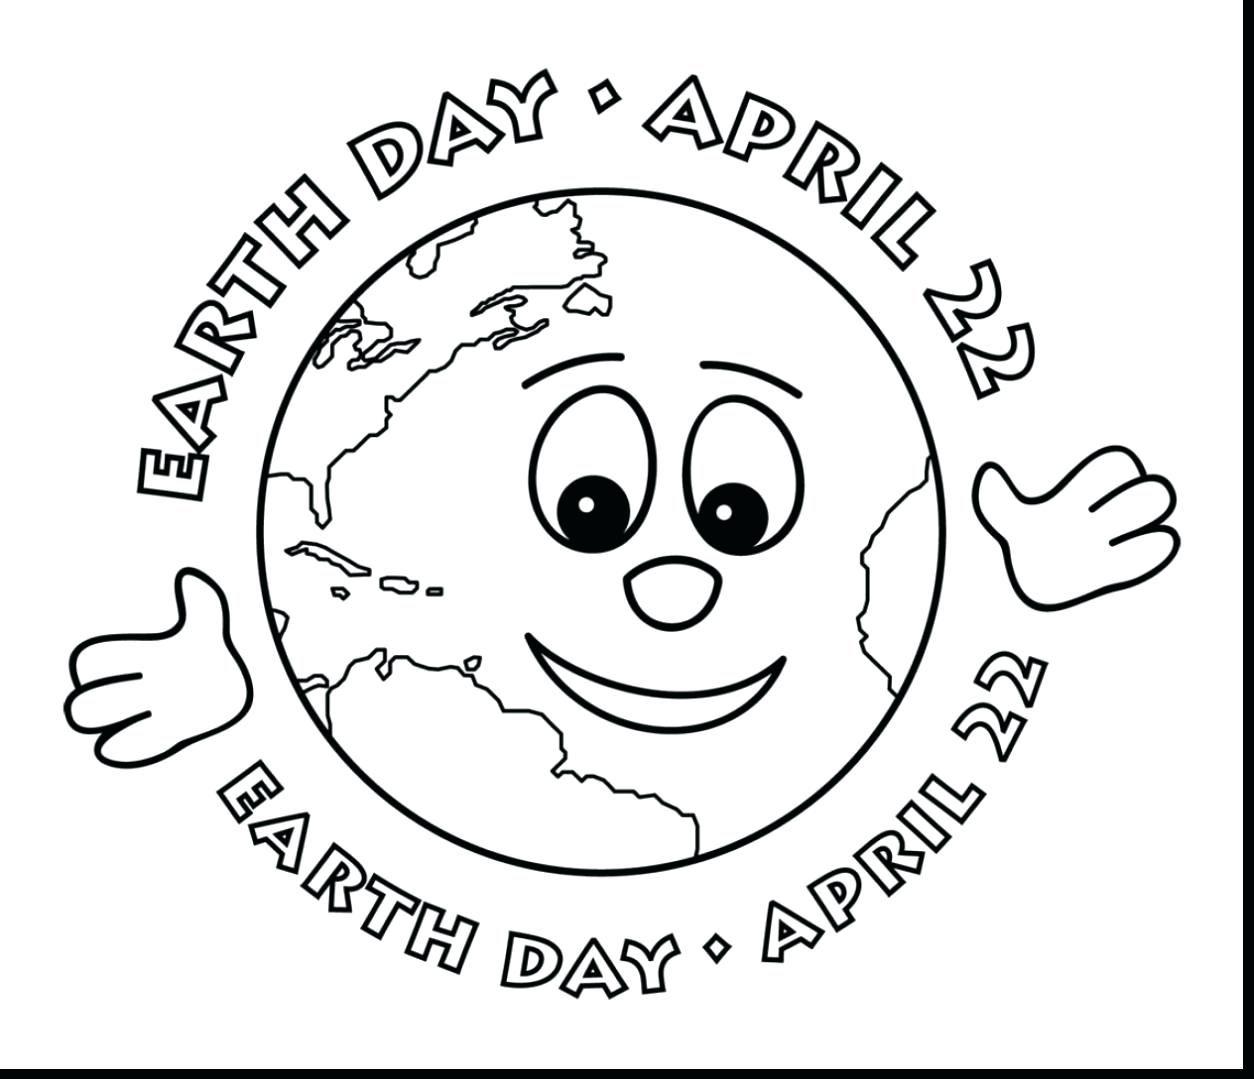 Earth Day Coloring Pages | Earth Day Coloring Pages | Pinterest ...